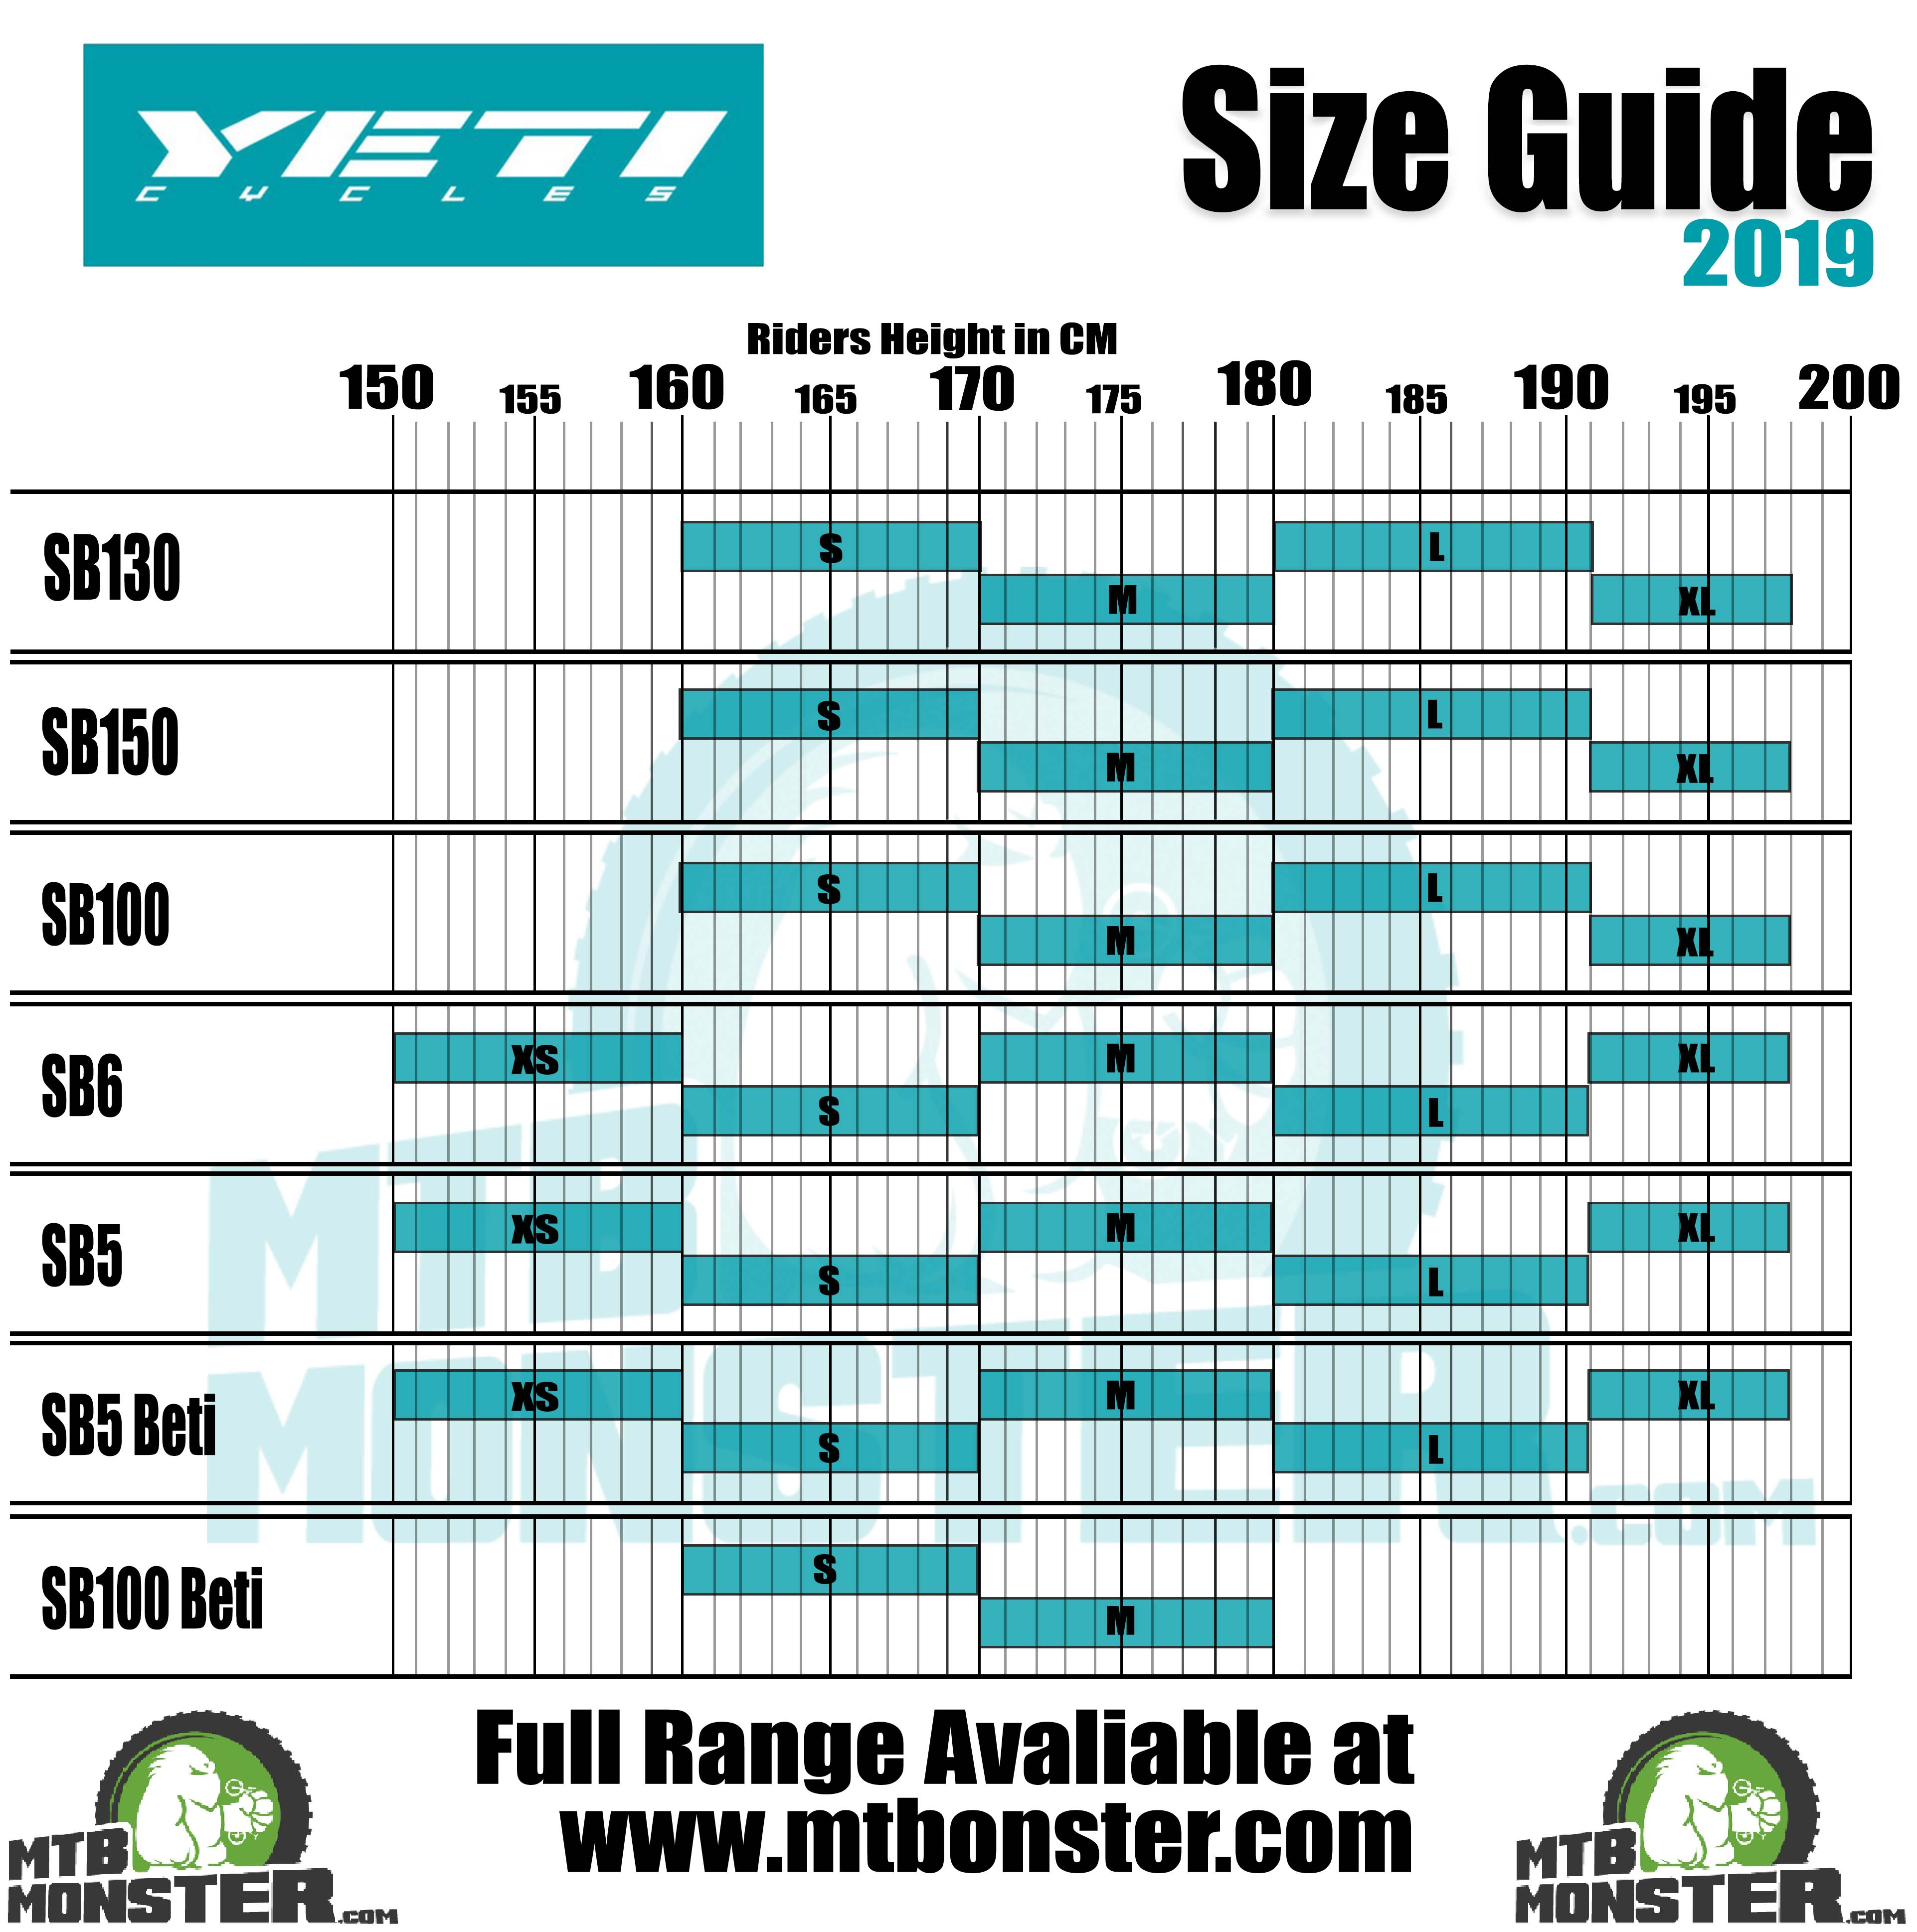 Yeti Bikes Sizing Guide | What size frame do I need?